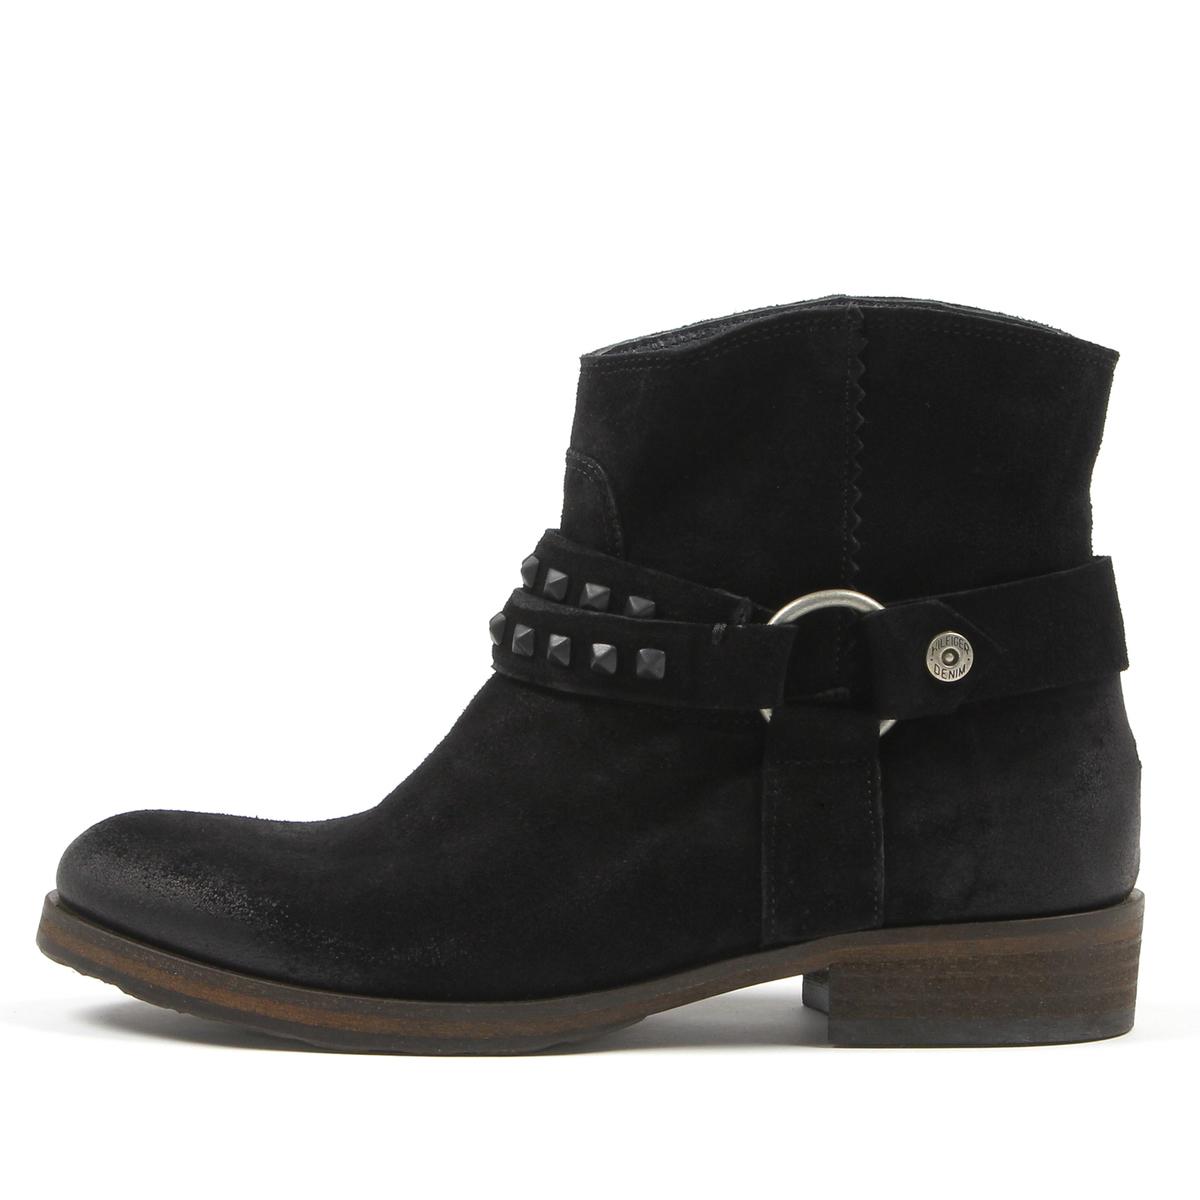 09c9ff190f2 Tommy Hilfiger dámské černé kožené boty Avive 7B - Mode.cz